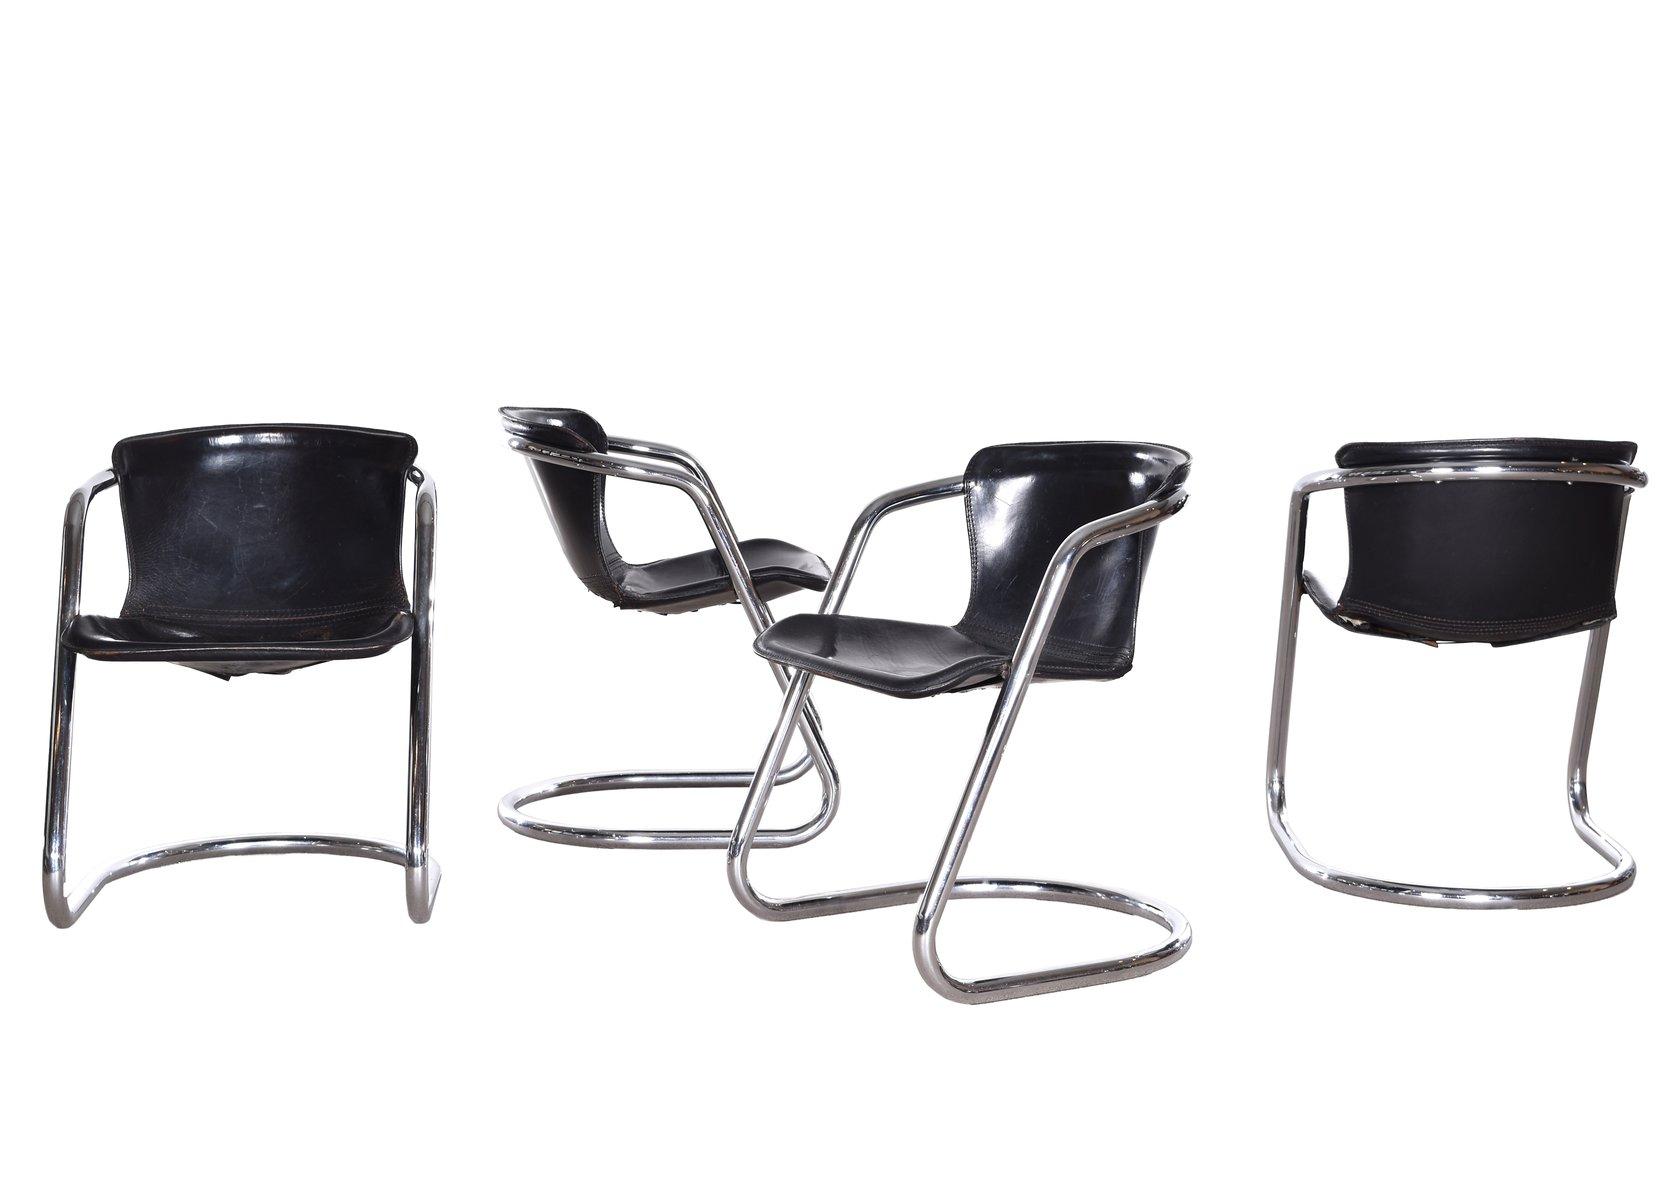 Chaises de salon par willy rizzo pour cidue 1970s italie for Chaise pour salon